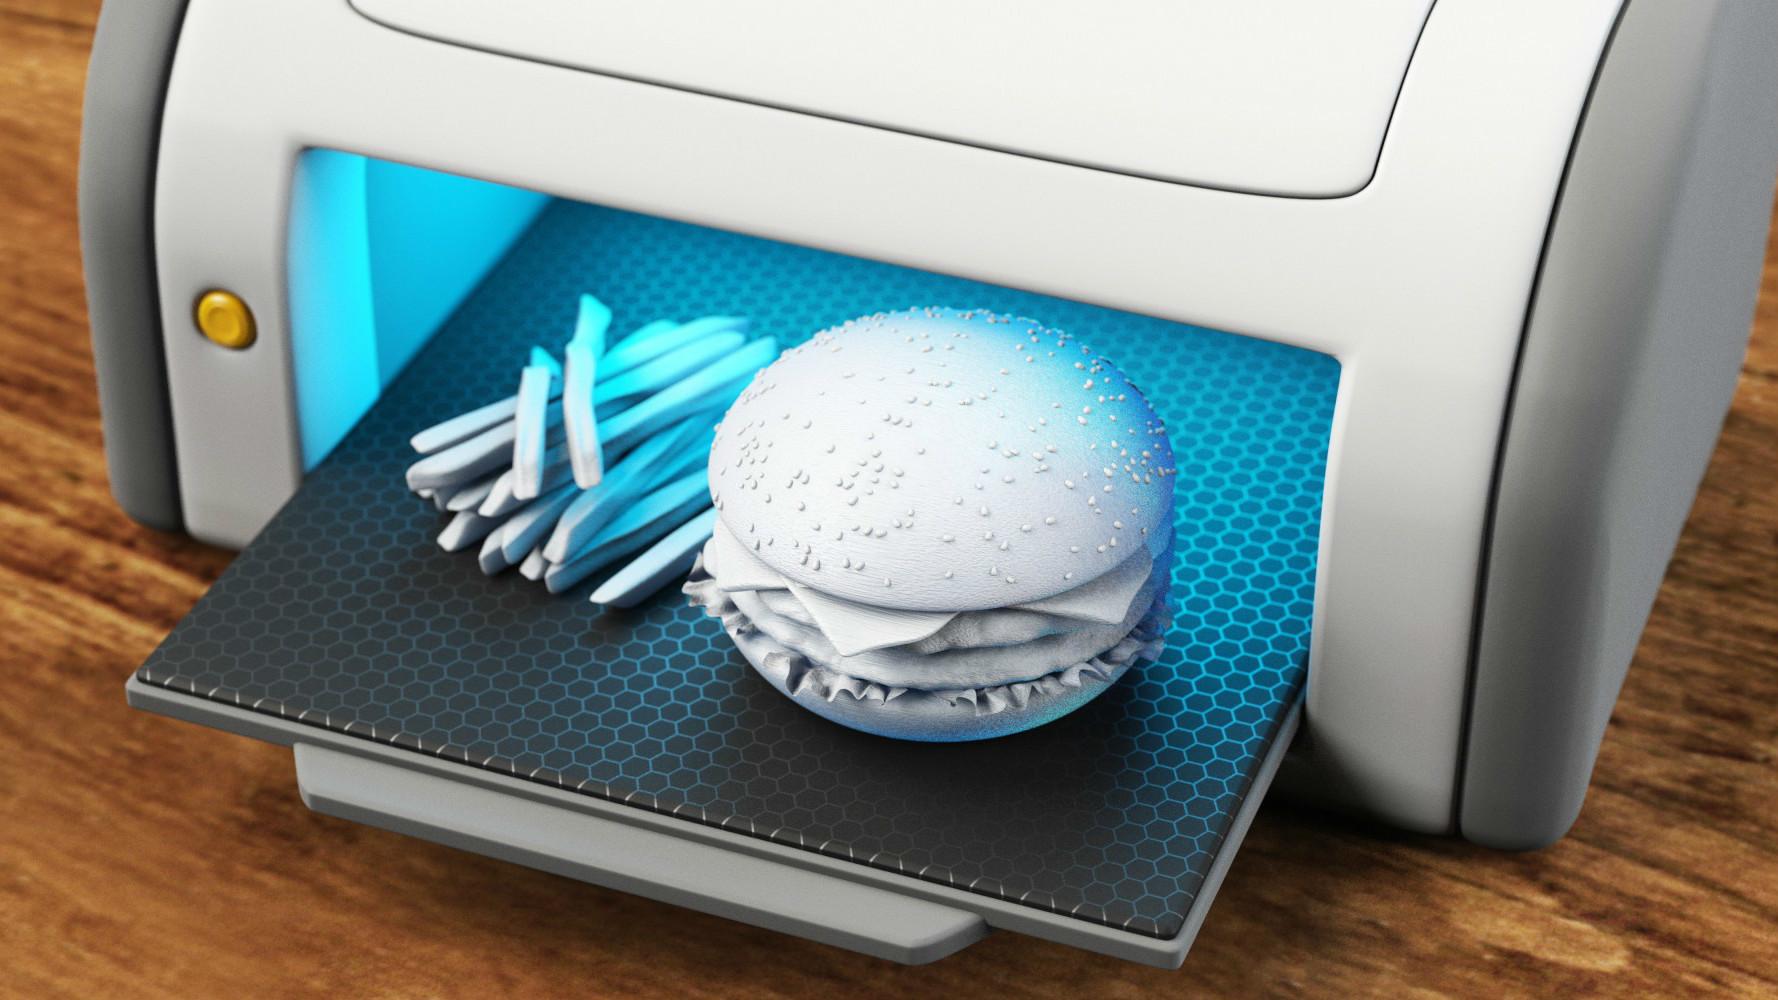 Еда из 3D-принтера: будущее, которого мы так боялись, уже наступило? (21 фото)